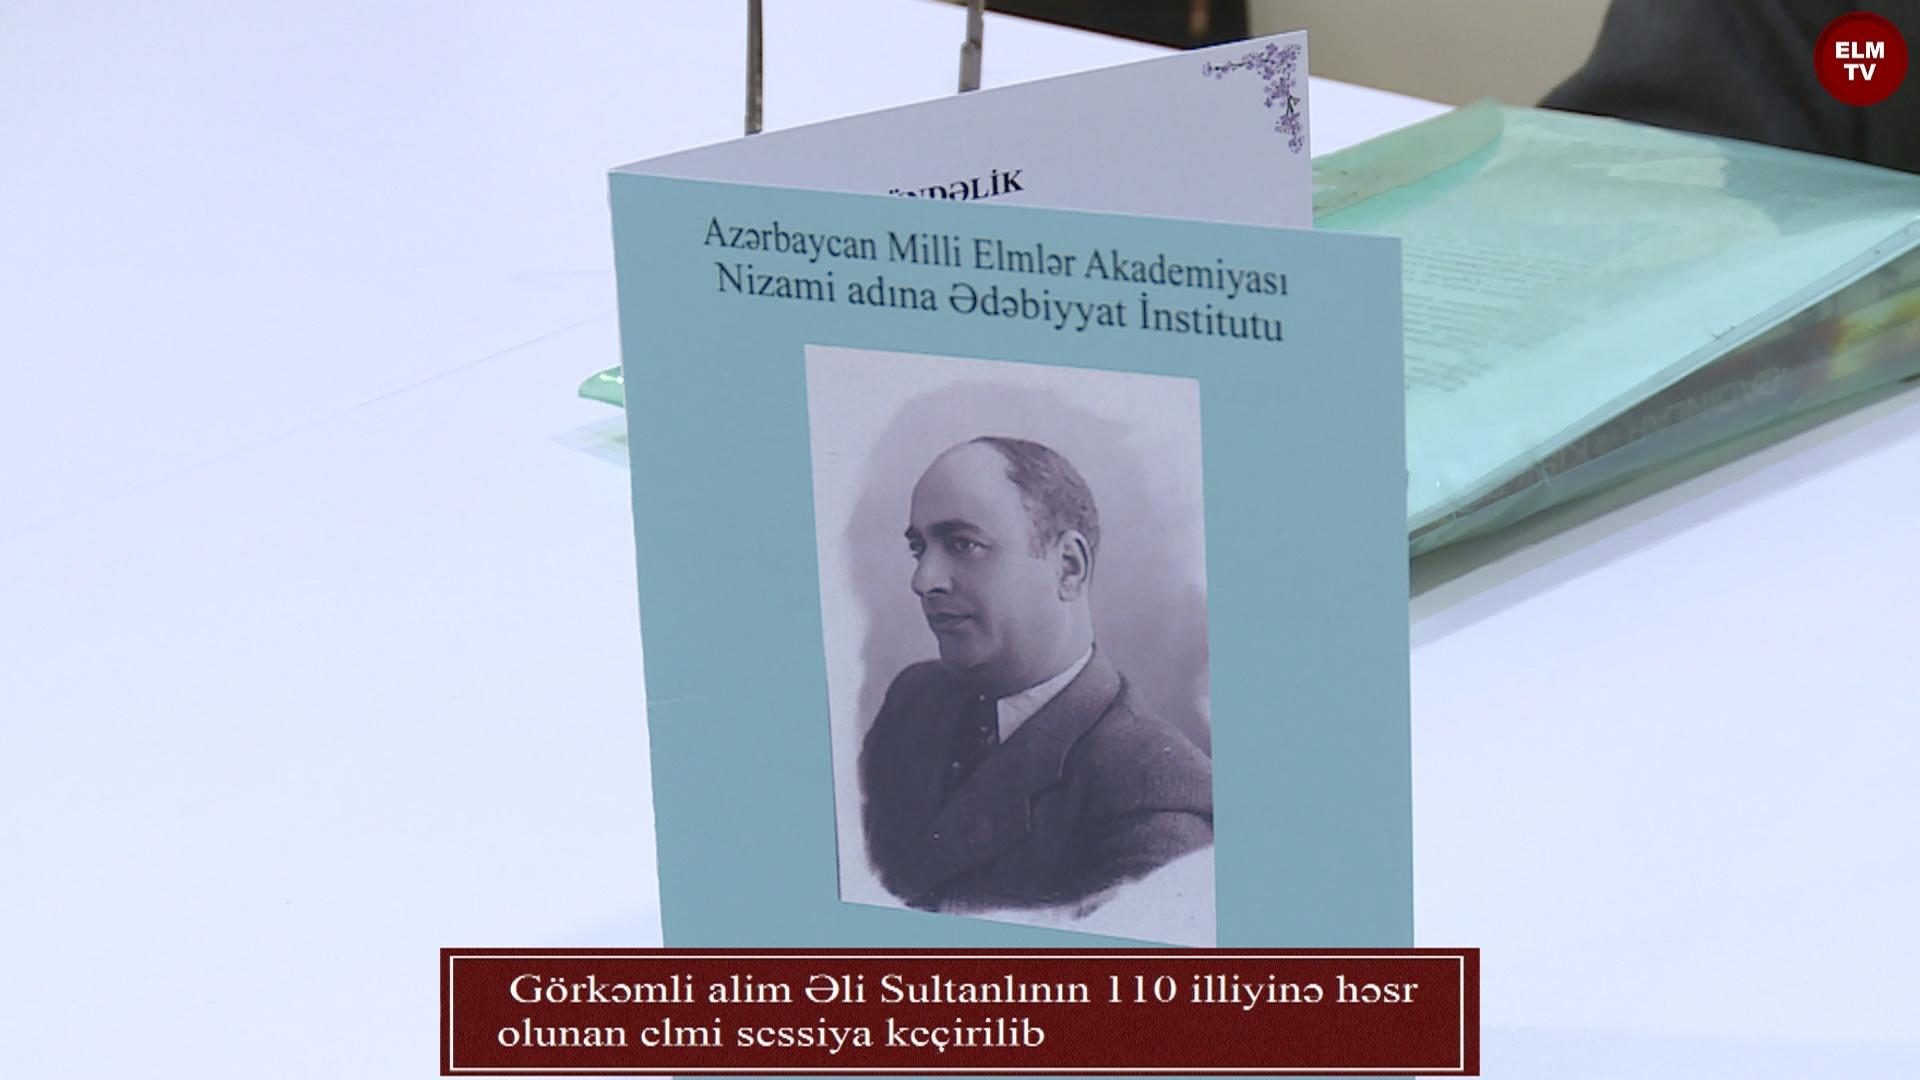 Görkəmli alim Əli Sultanlının 110 illiyinə həsr olunan elmi sessiya keçirilib